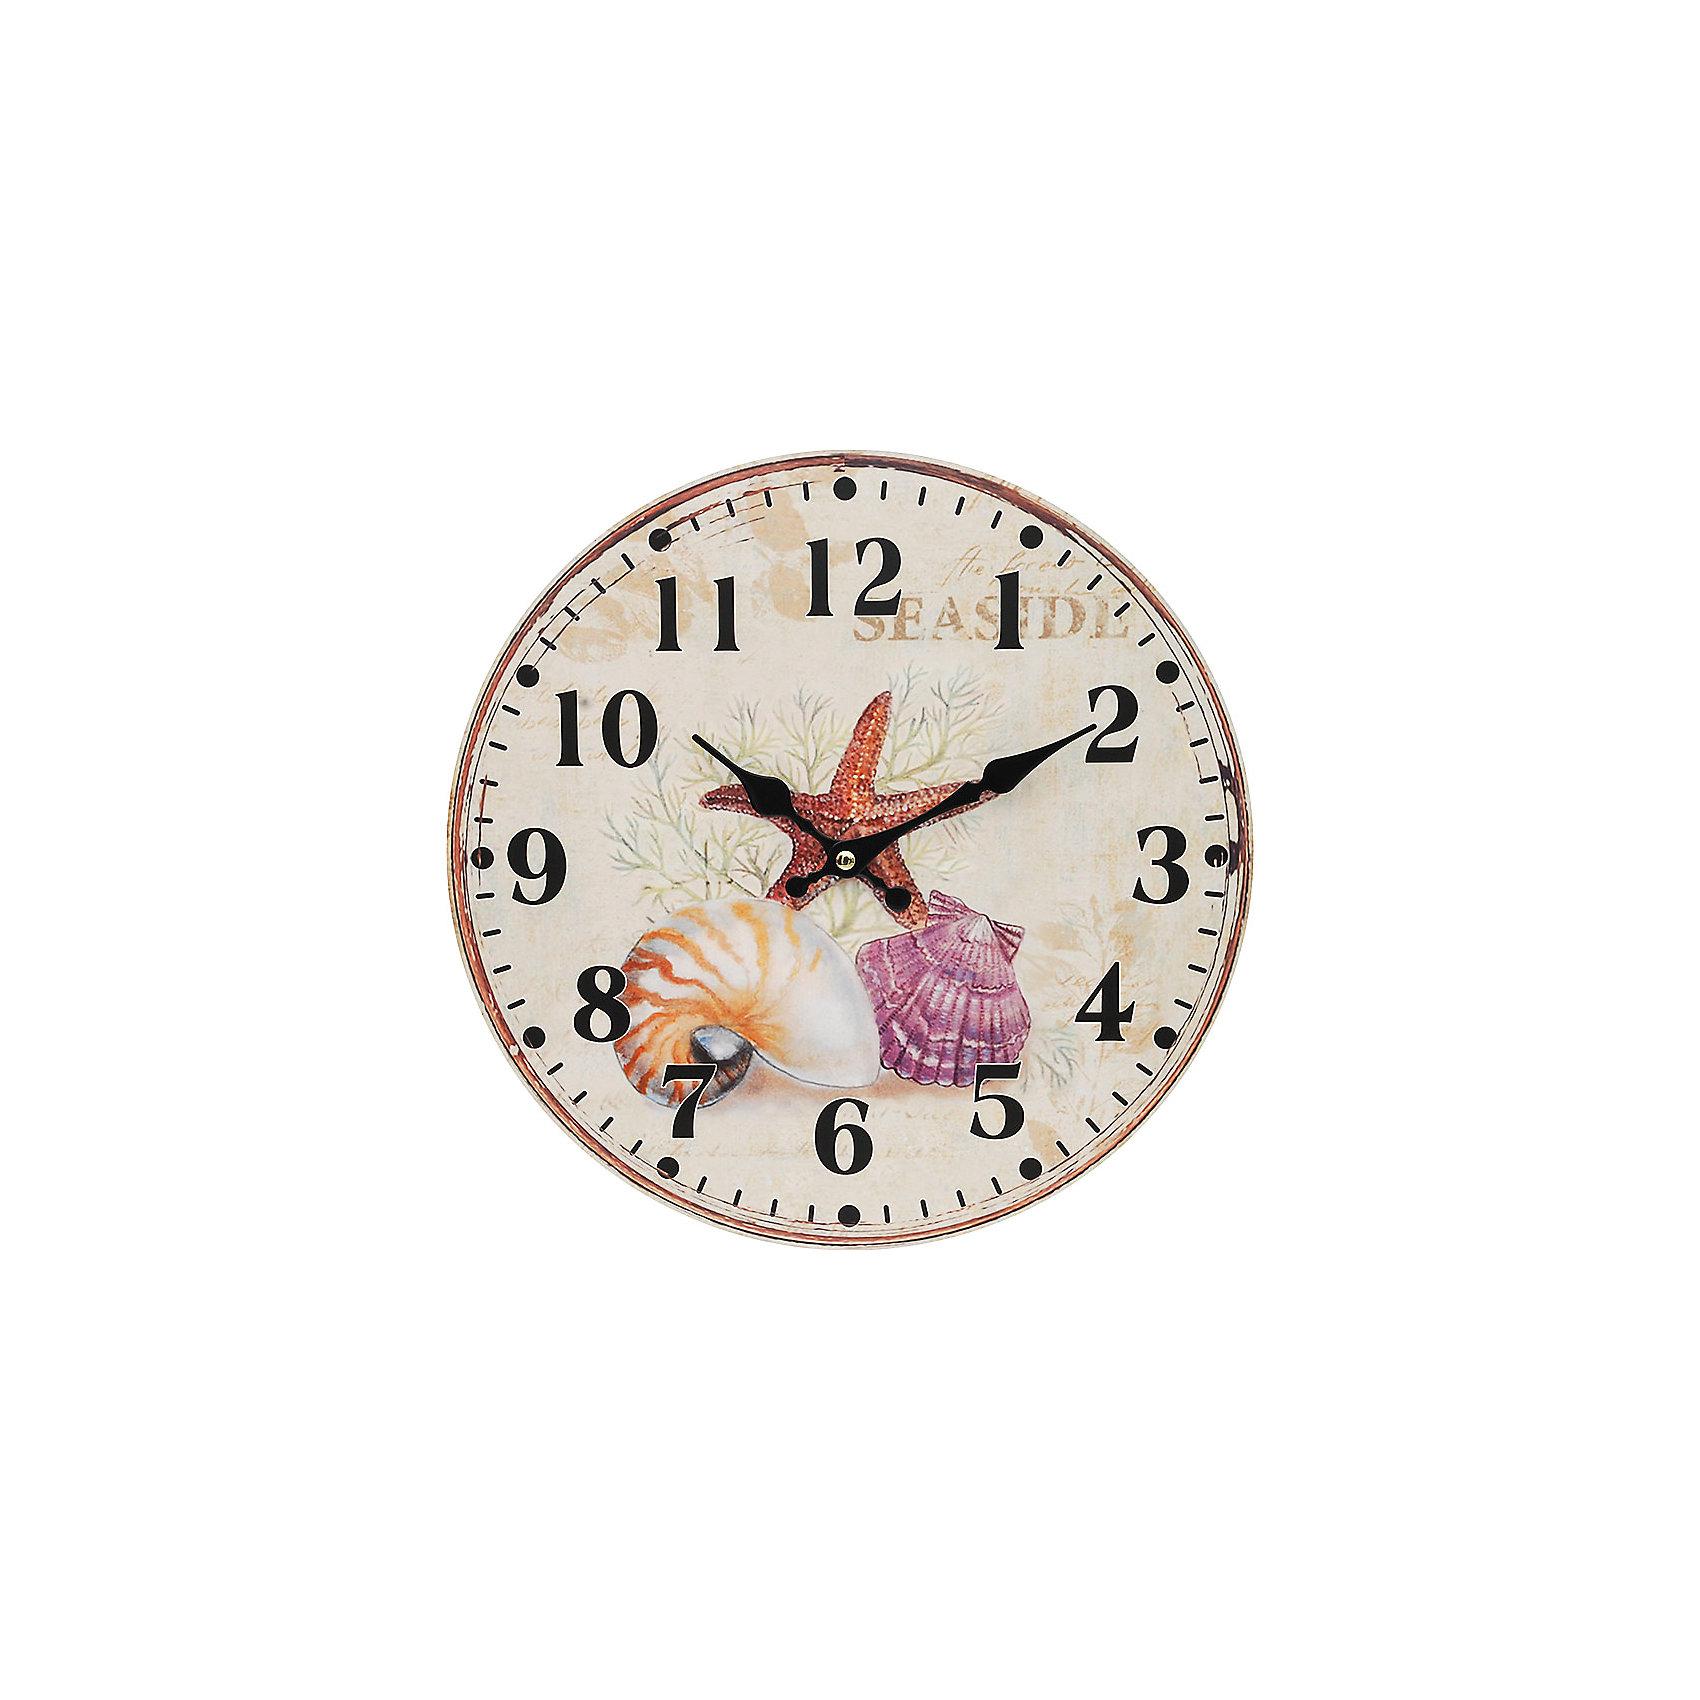 Часы настенные Морские сокровища, диаметр 34 смДетские предметы интерьера<br>Часы настенные Морские сокровища, диаметр 34 см.<br><br>Характеристики:<br><br>- Диаметр: 34 см.<br>- Две стрелки часовая и минутная<br>- Батарейка: 1 типа АА (в комплект не входит)<br>- Основные цвета: бледно-розовый, кремовый, серо-зеленый<br>- Упаковка картонная коробка<br><br>Кварцевые настенные часы с механизмом плавного хода помимо своего прямого назначения – показывать точное время – станут важным элементом декора Вашего дома, квартиры или офиса. Открытый циферблат часов выполнен из листа оргалита с декоративным покрытием, оформлен изображением ракушек. Часовая и минутная стрелки металлические. Часовой механизм закрыт пластиковым корпусом. Часы будут ярким акцентом в интерьере и создадут дополнительный уют и хорошее настроение.<br><br>Часы настенные Морские сокровища, диаметр 34 см можно купить в нашем интернет-магазине.<br><br>Ширина мм: 345<br>Глубина мм: 340<br>Высота мм: 45<br>Вес г: 2500<br>Возраст от месяцев: 72<br>Возраст до месяцев: 144<br>Пол: Унисекс<br>Возраст: Детский<br>SKU: 5089839